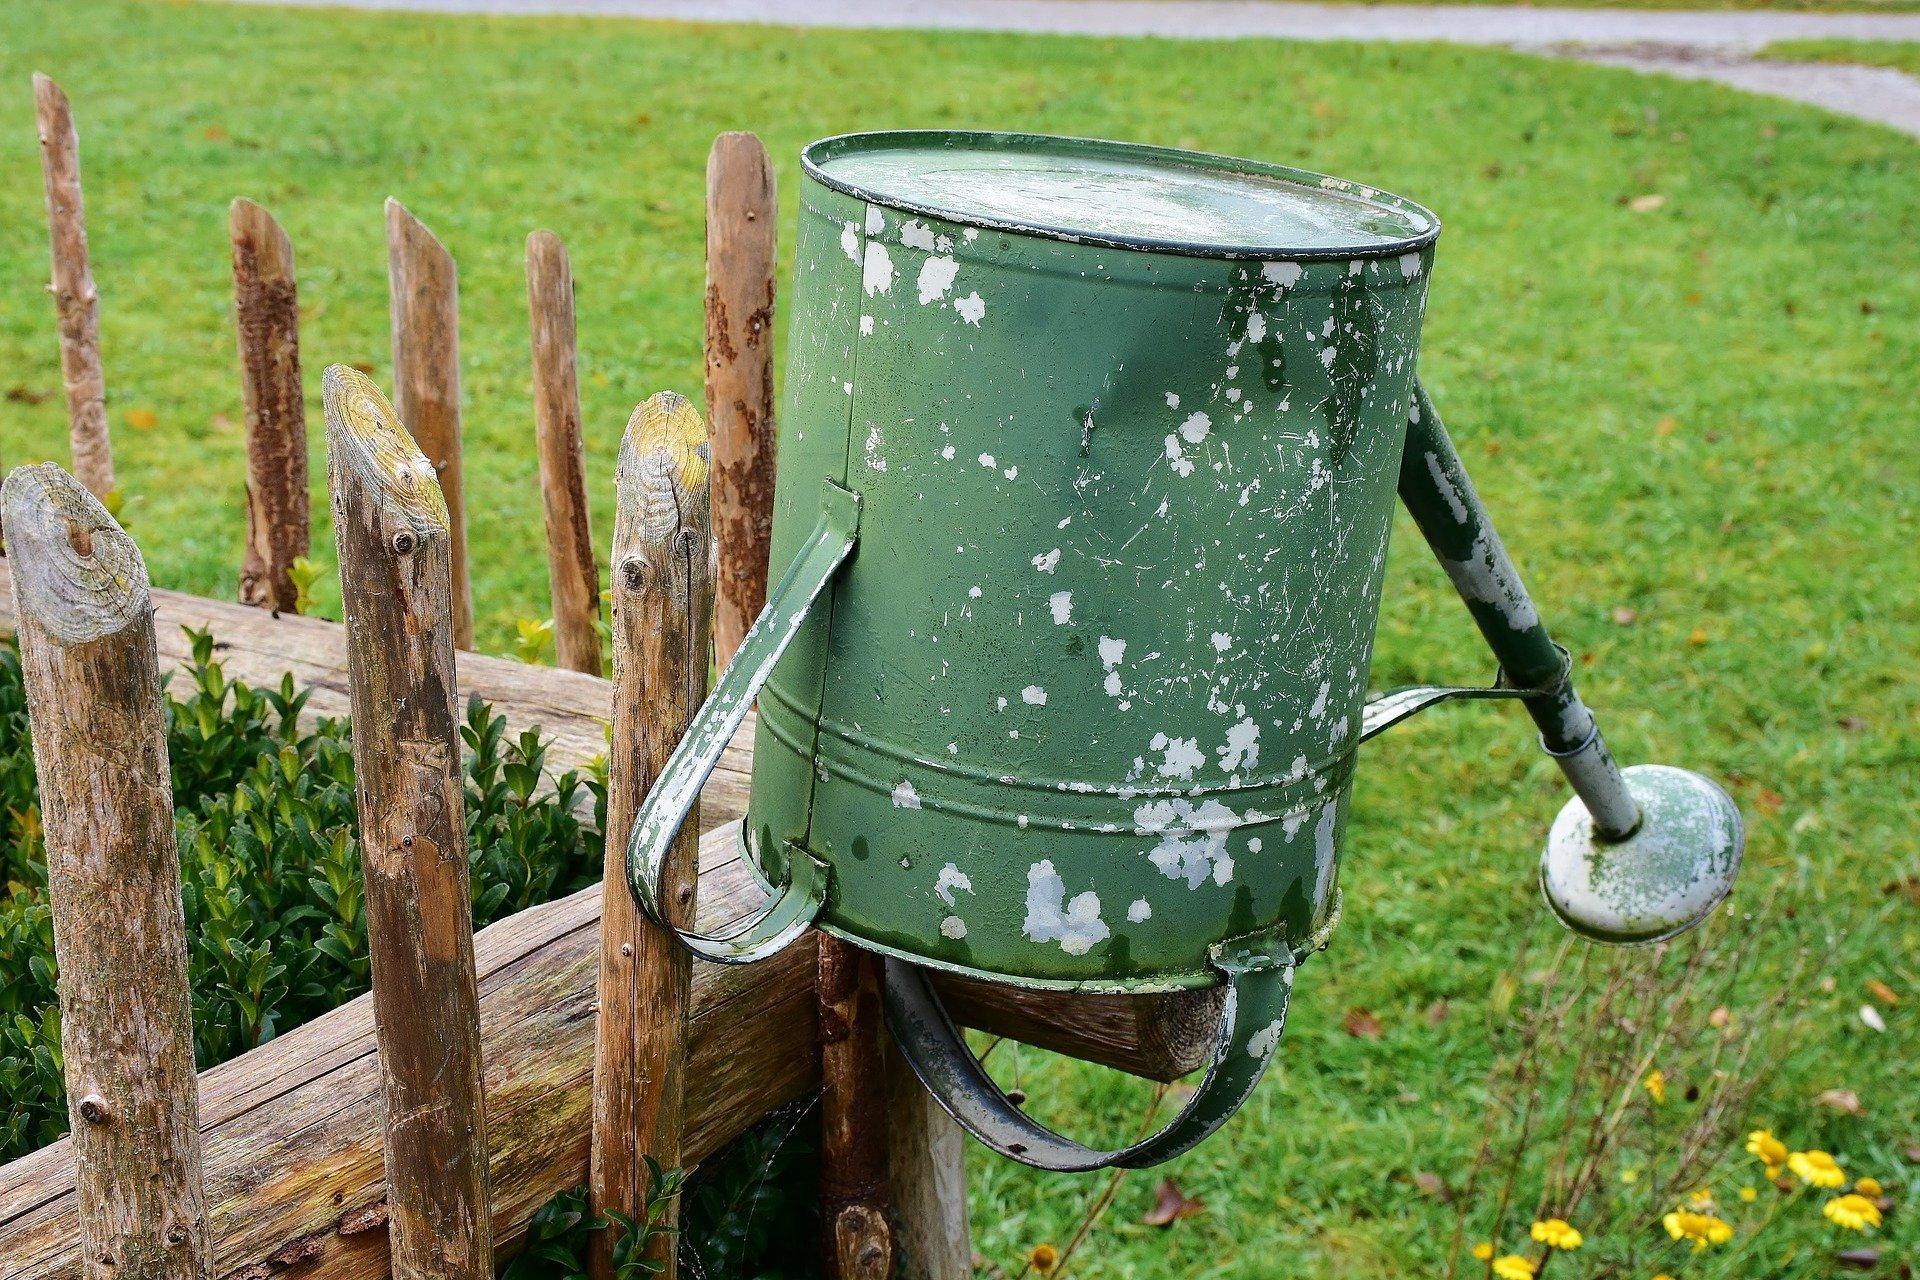 Další suché období je za námi a zdá se, že s úbytkem vody v krajině už si neporadí ani sněhová nadílka či jarní tání. Na pomoc tak přichází Dešťovka, dotační program Ministerstva životního prostředí. Ten se vedle rodinných domů nově vztahuje také na celoročně obývané chalupy a chaty, jejichž majitelům nabízí dotaci v hodnotě až 105 000 Kč, která má motivovat k efektivnímu využití dešťové vody.